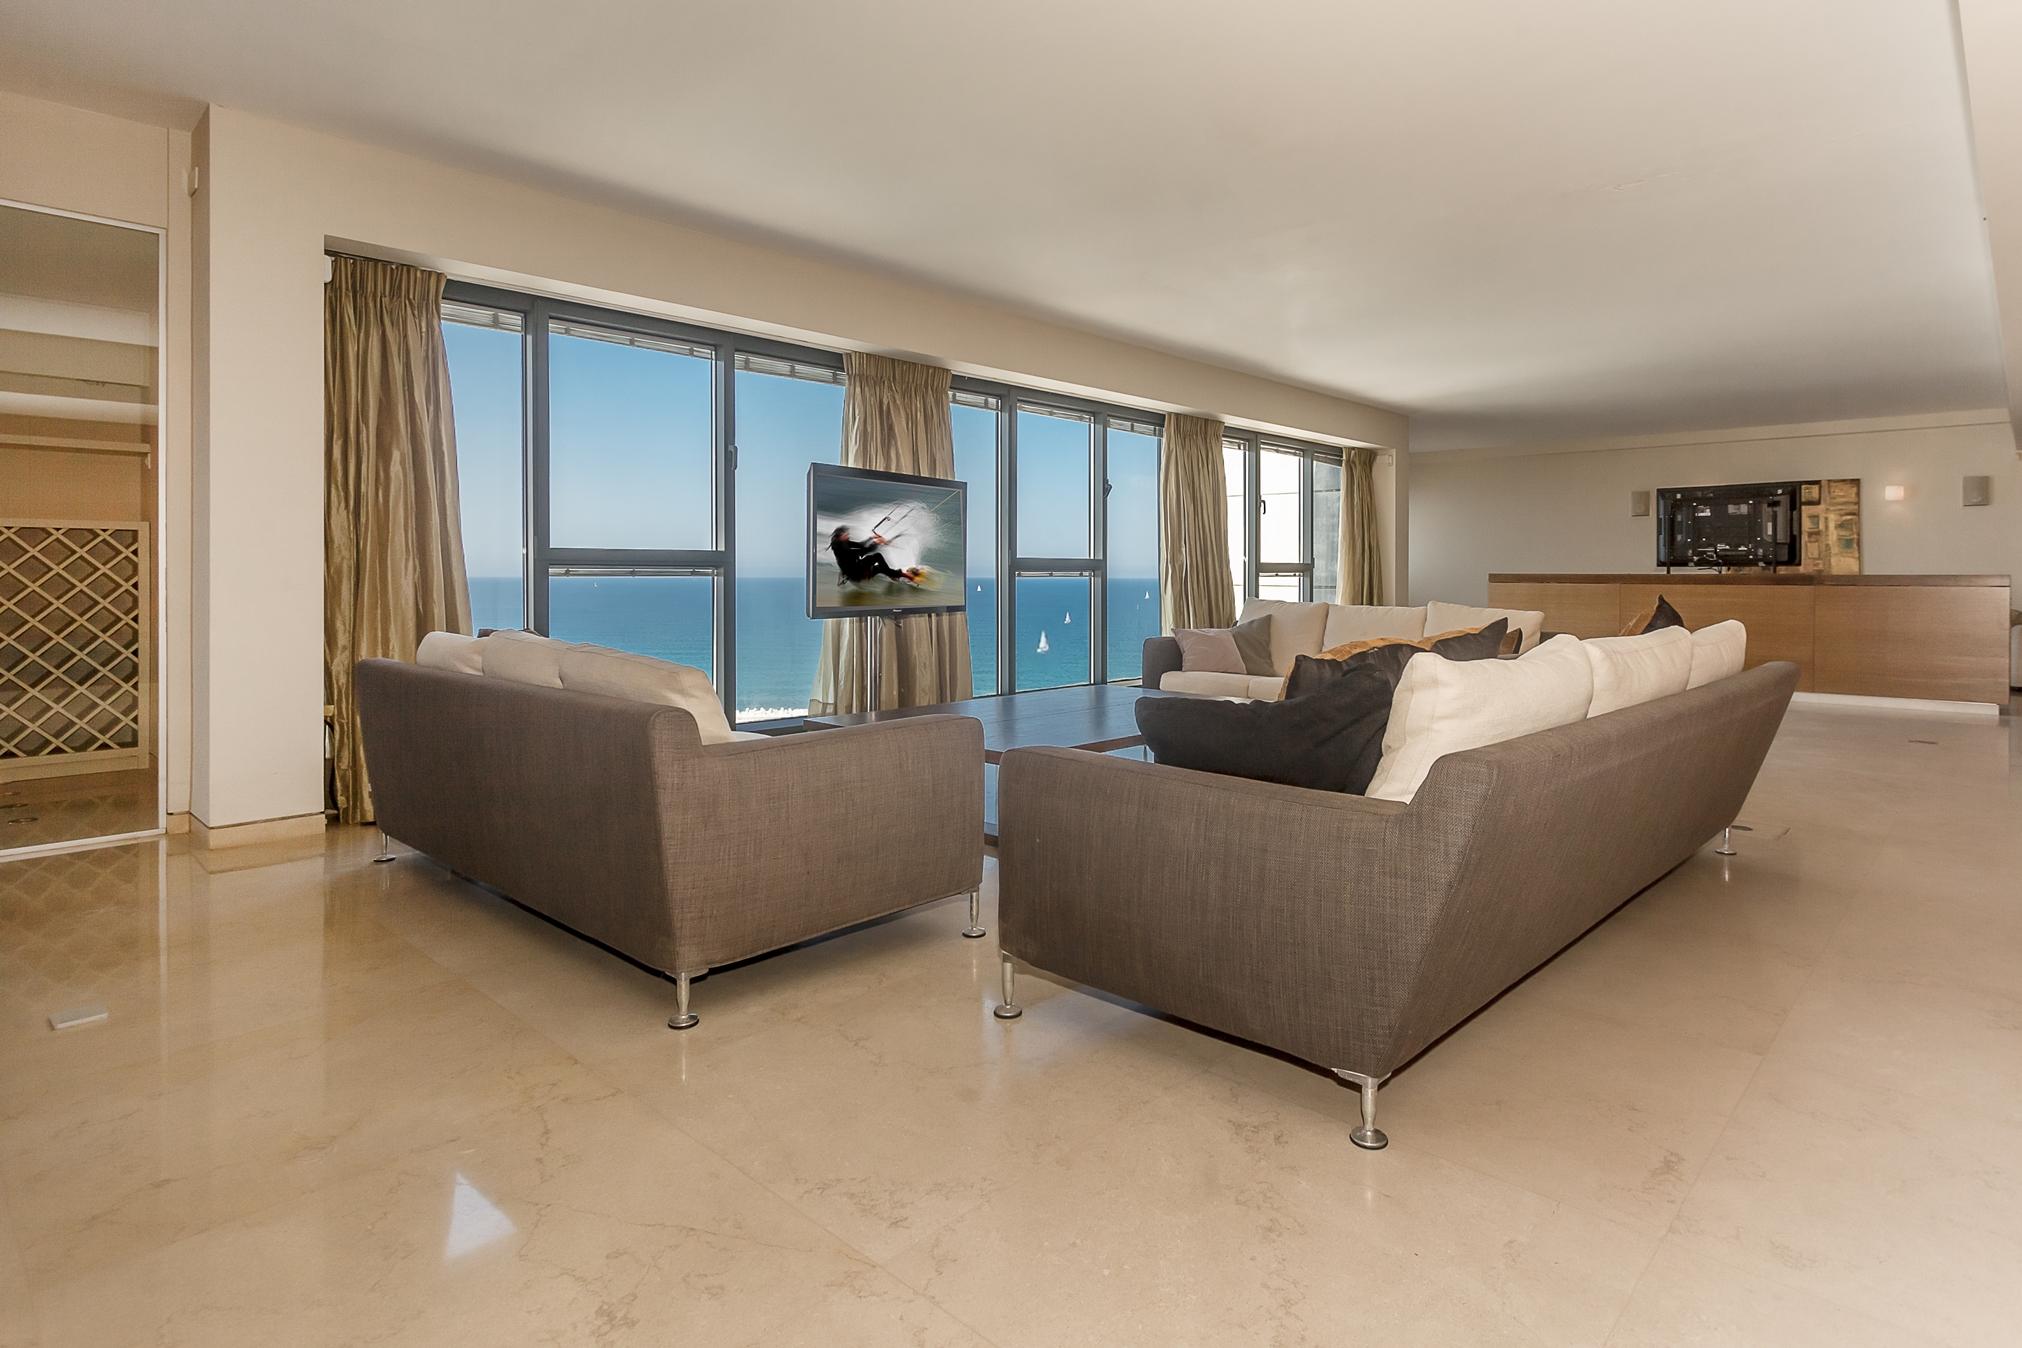 Квартира на средиземном море купить дом в бильбао дубай купить